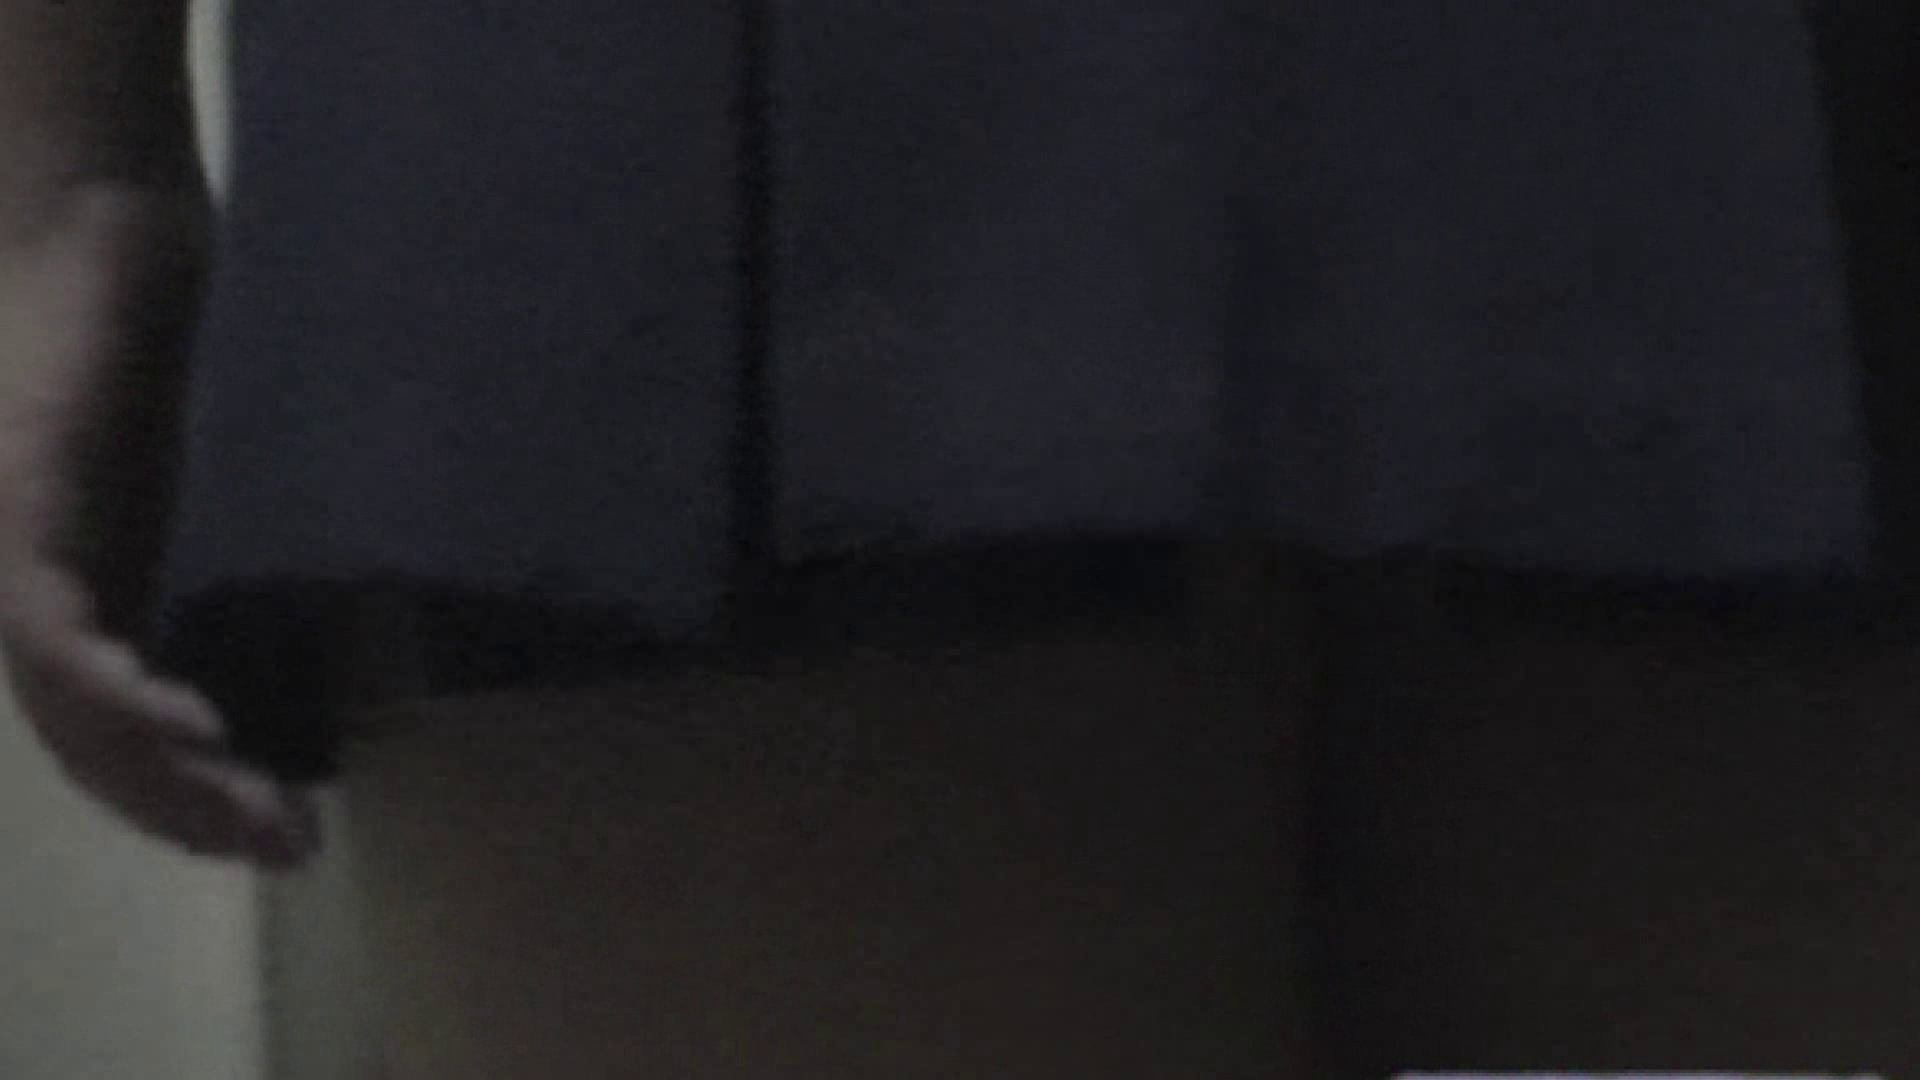 密室盗撮 vol.03 盗撮 | OLセックス  88画像 4